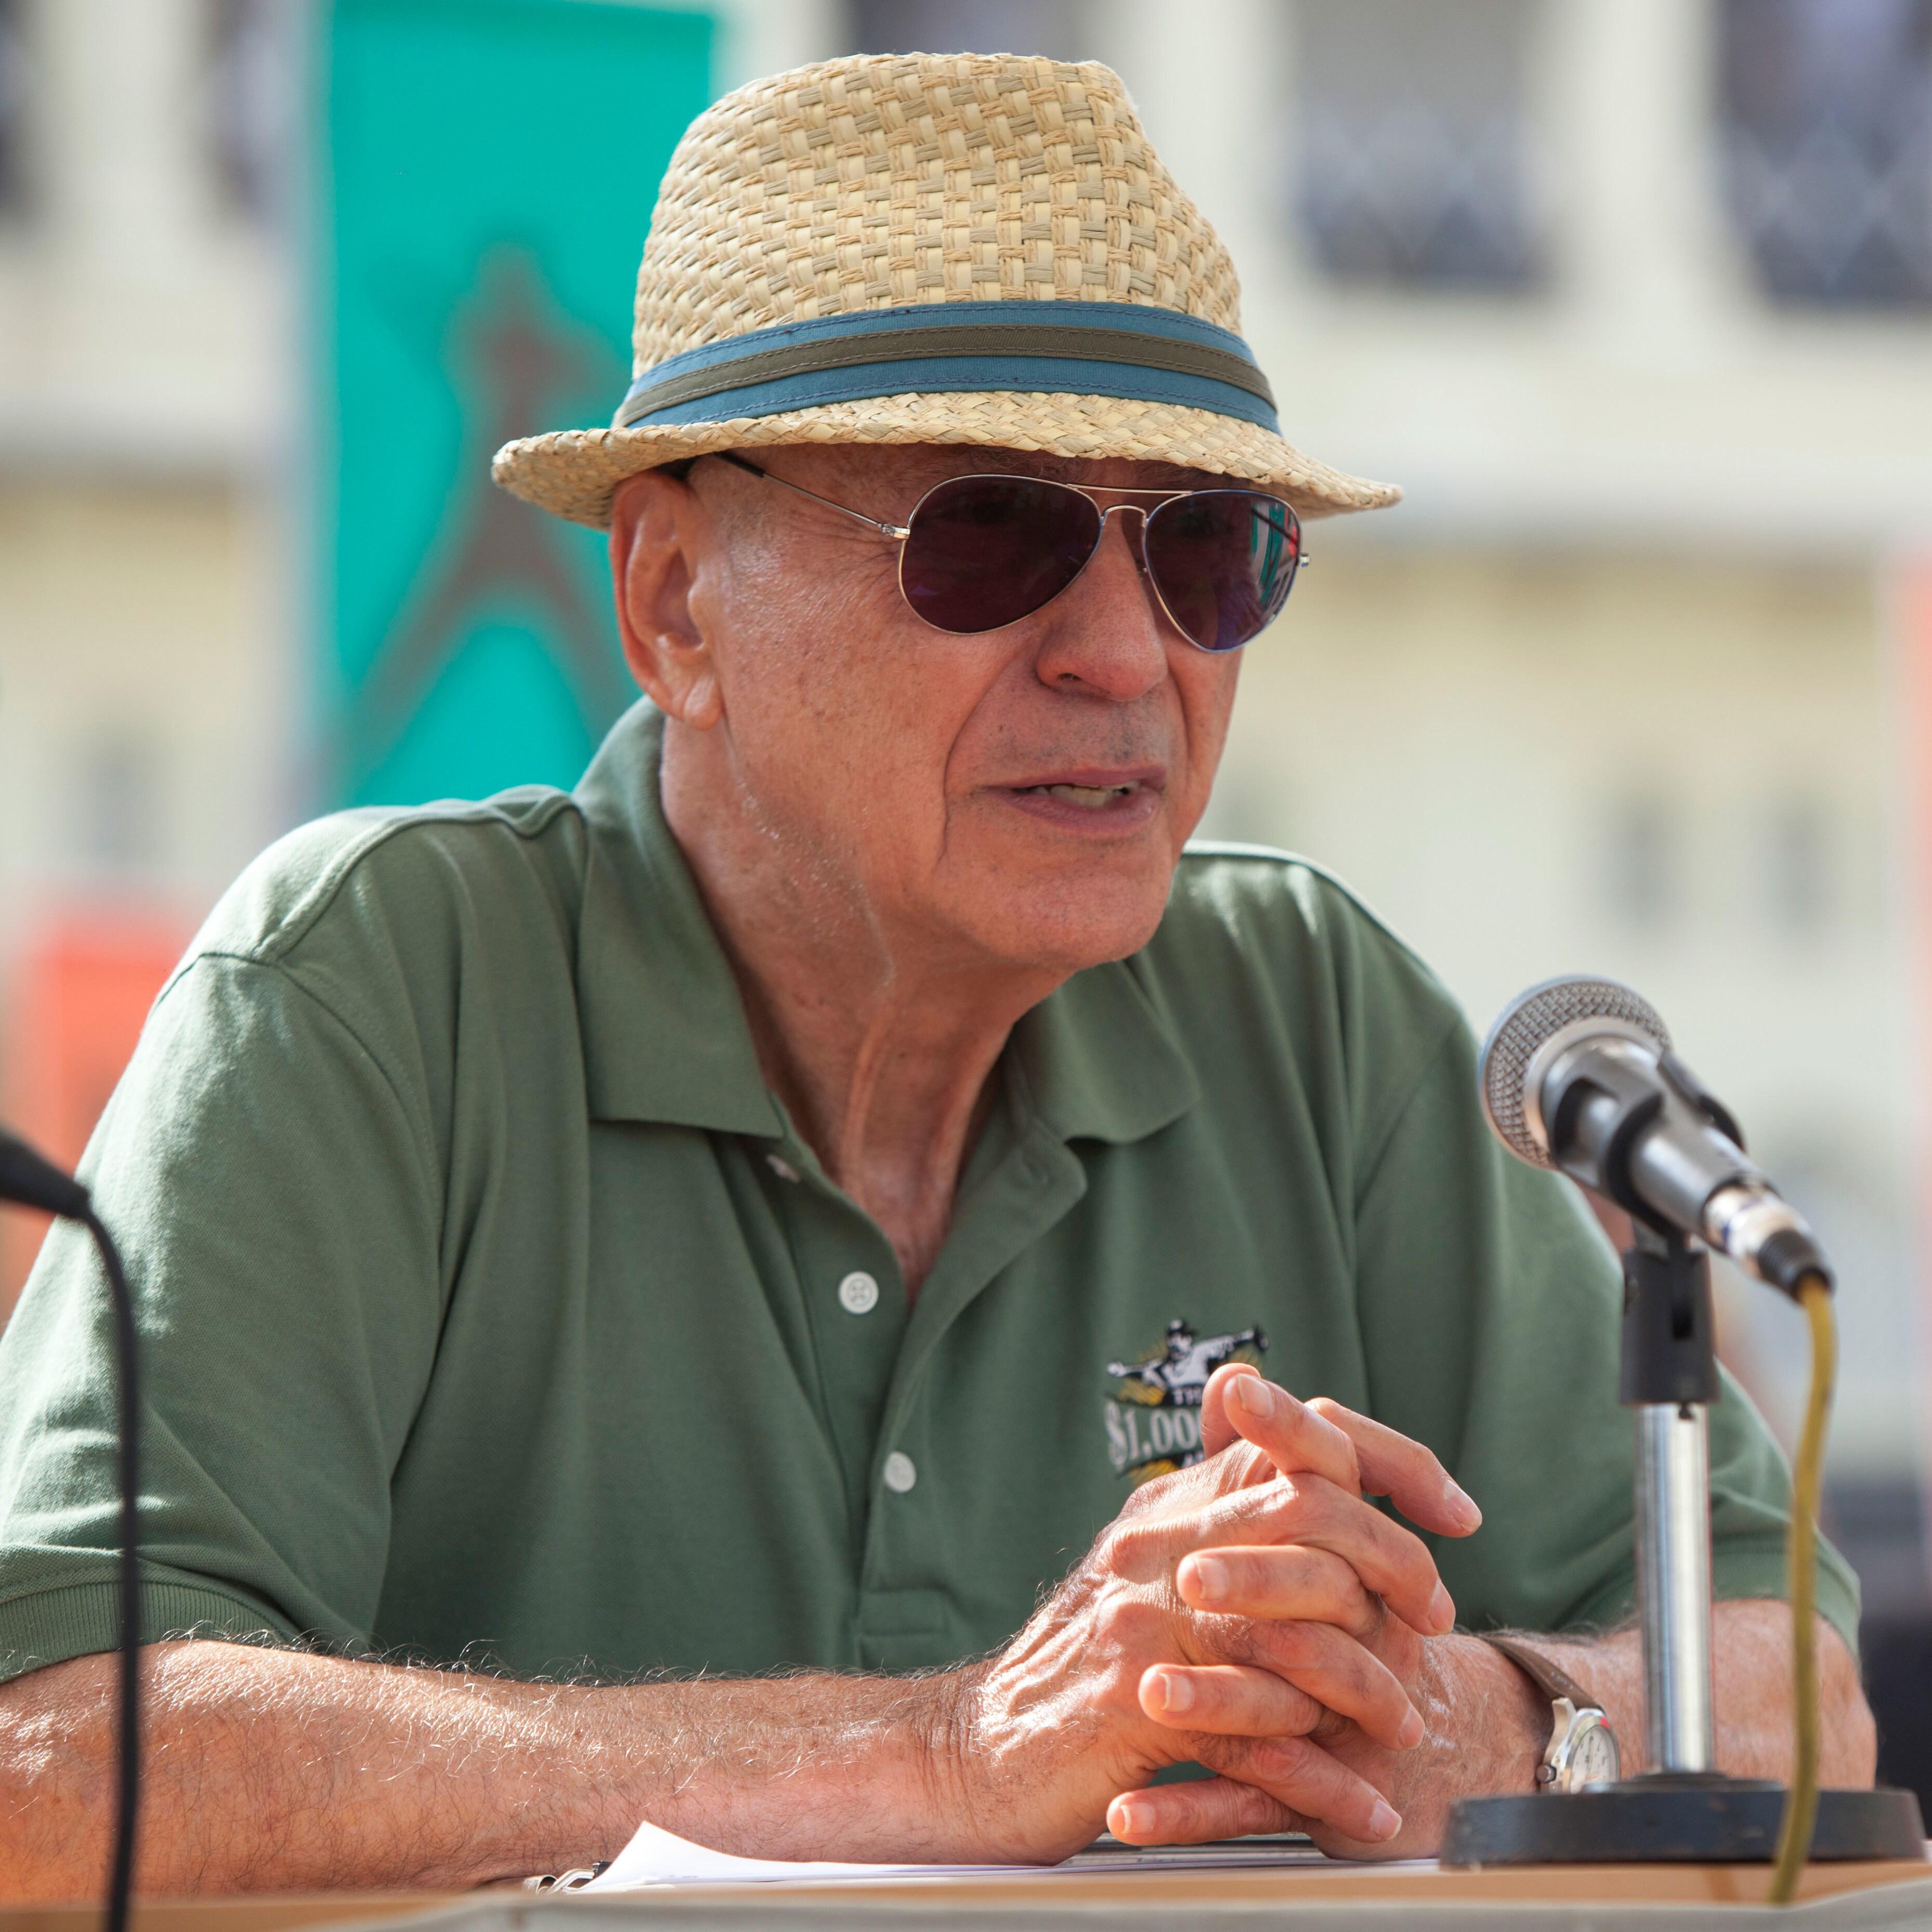 Ray Poitevint